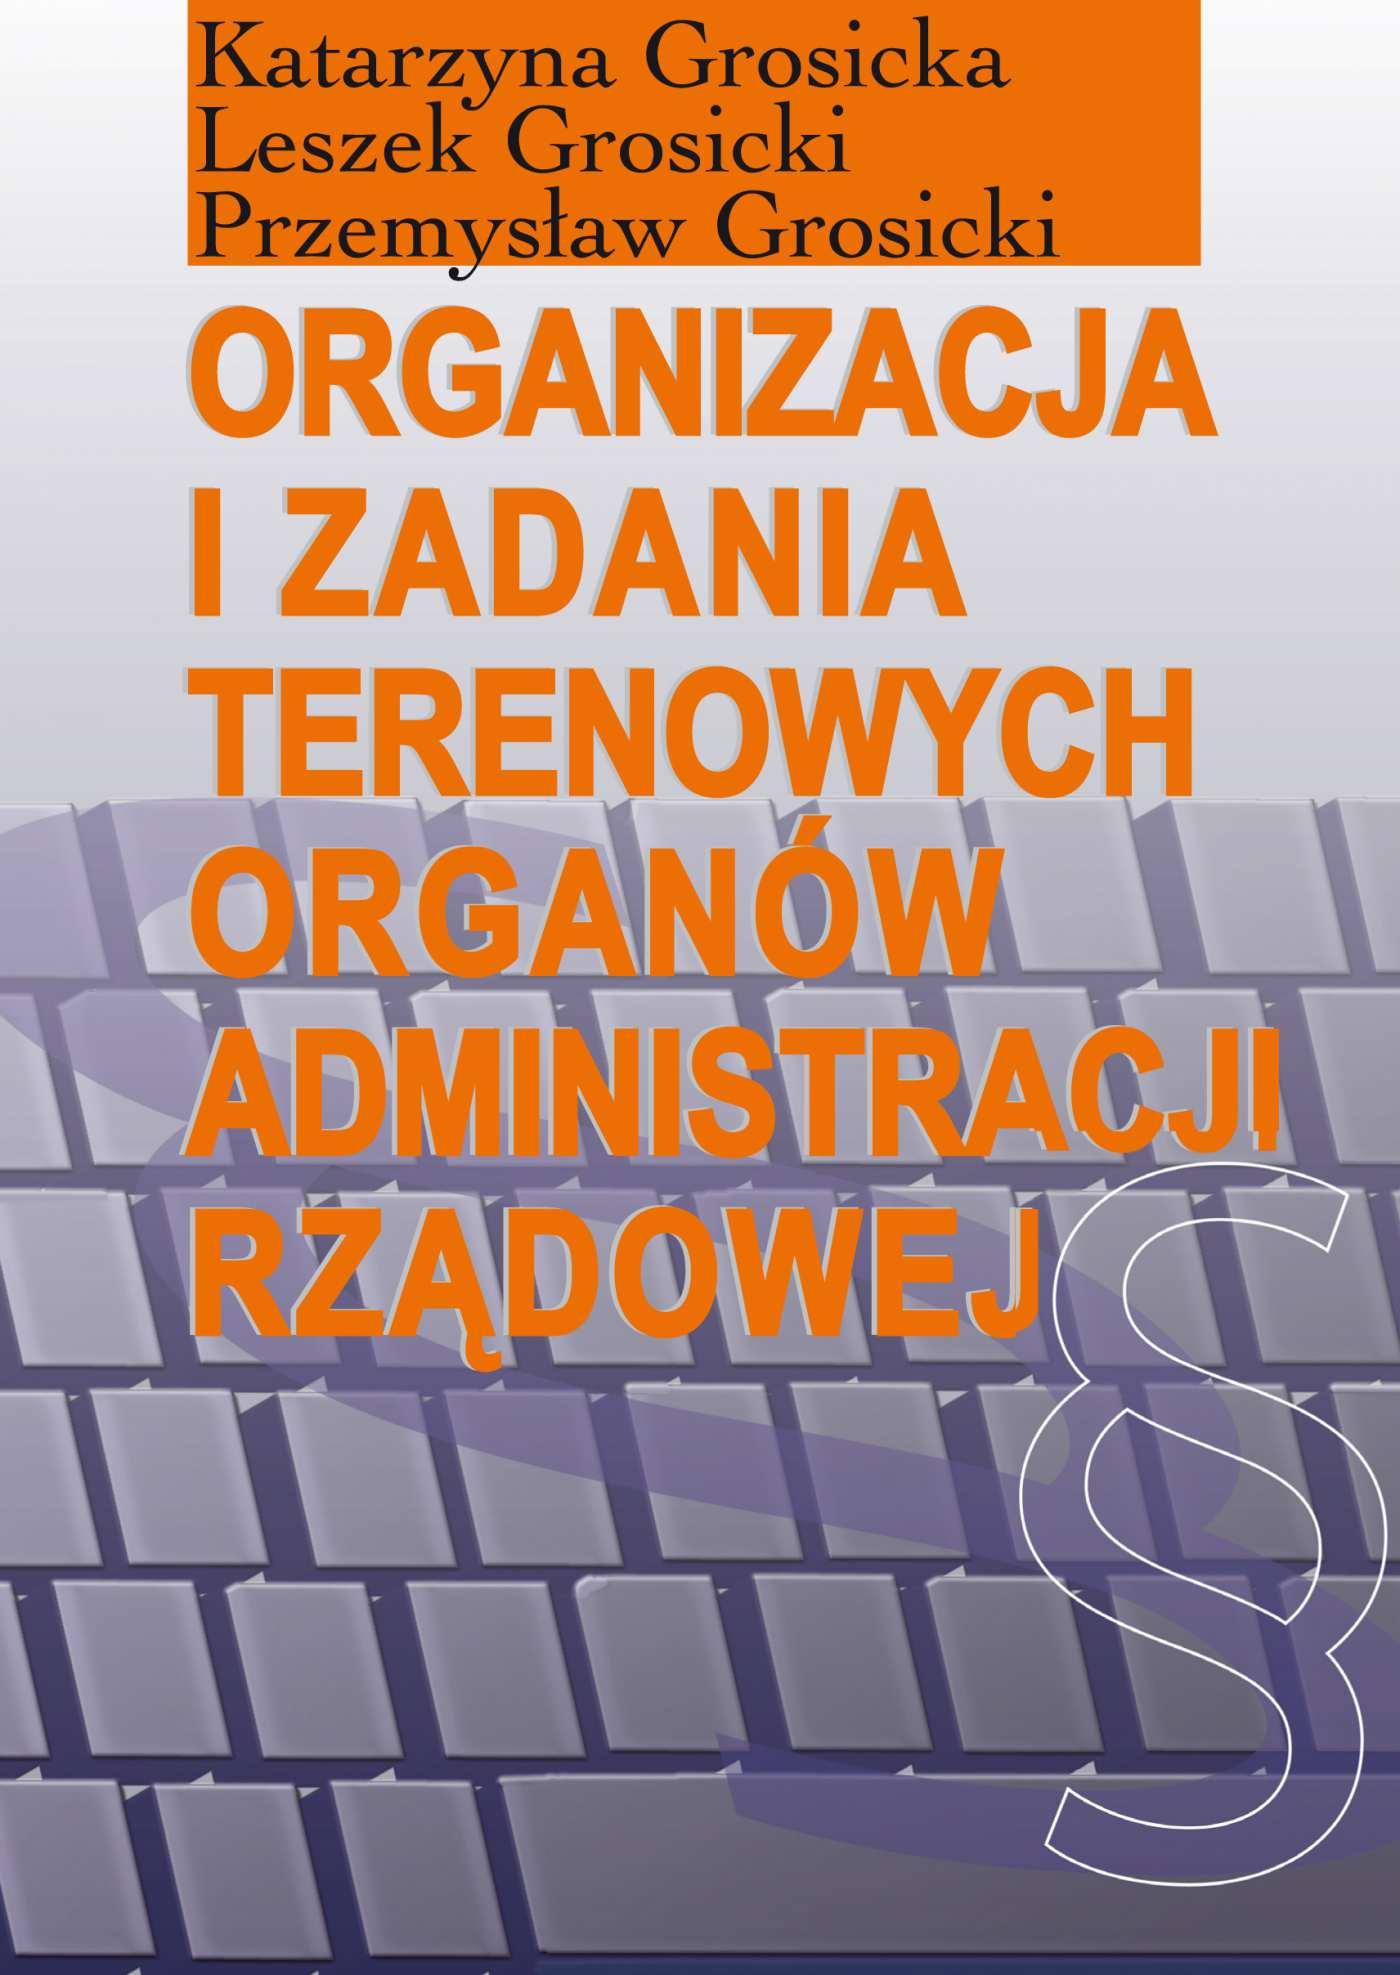 Organizacja i zadania terenowych organów administracji rządowej - Ebook (Książka PDF) do pobrania w formacie PDF